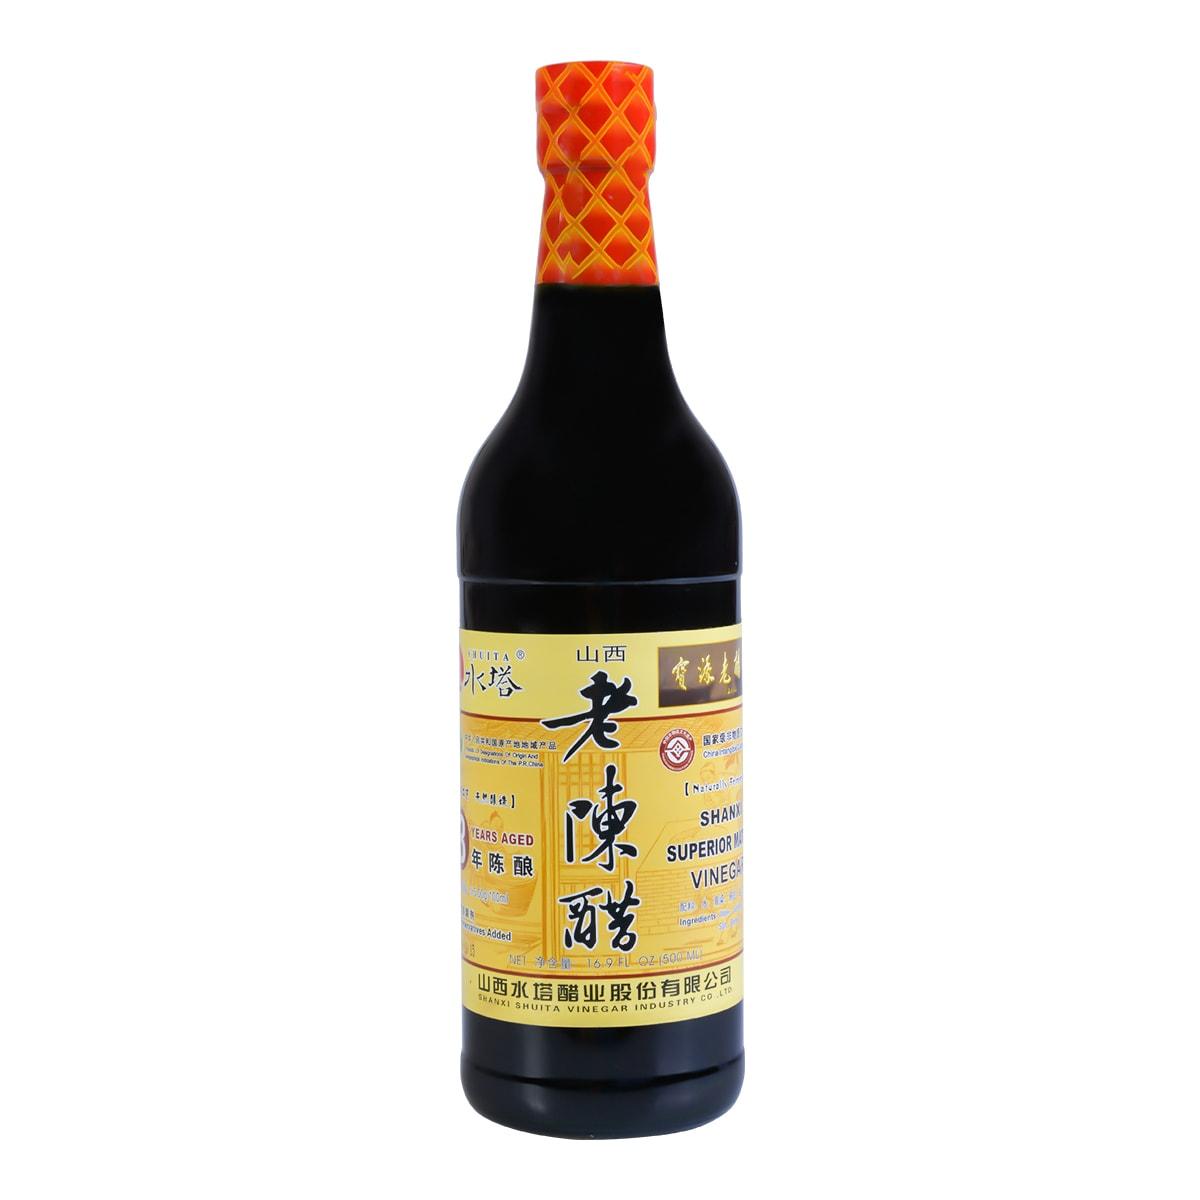 SHUITA Shanxi Superior Mature Vinegar 3 Years Aged 500ml